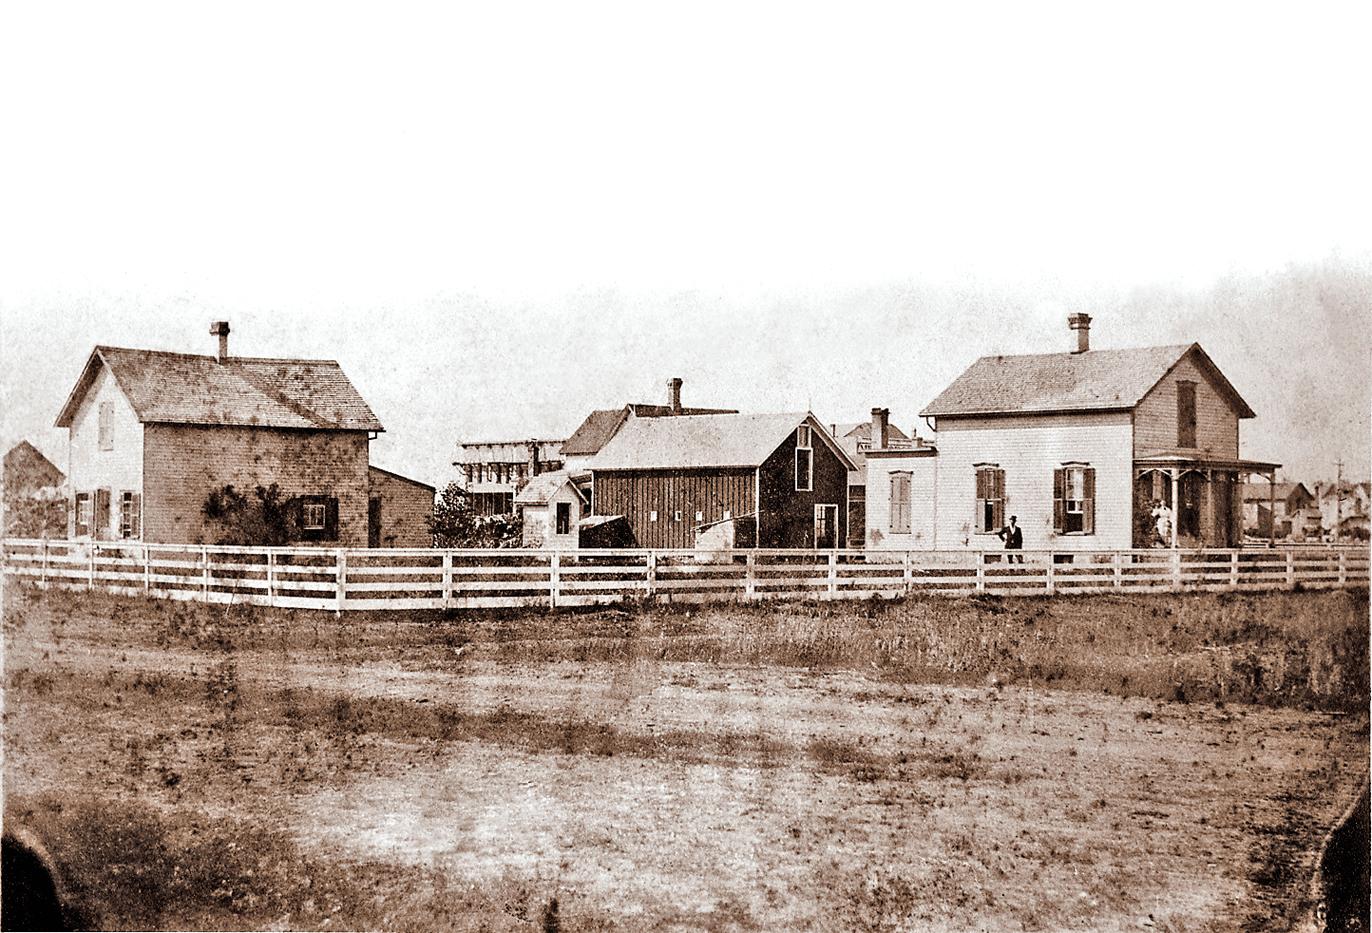 CGF_Abeline-Homes_1874_cg3_scaled